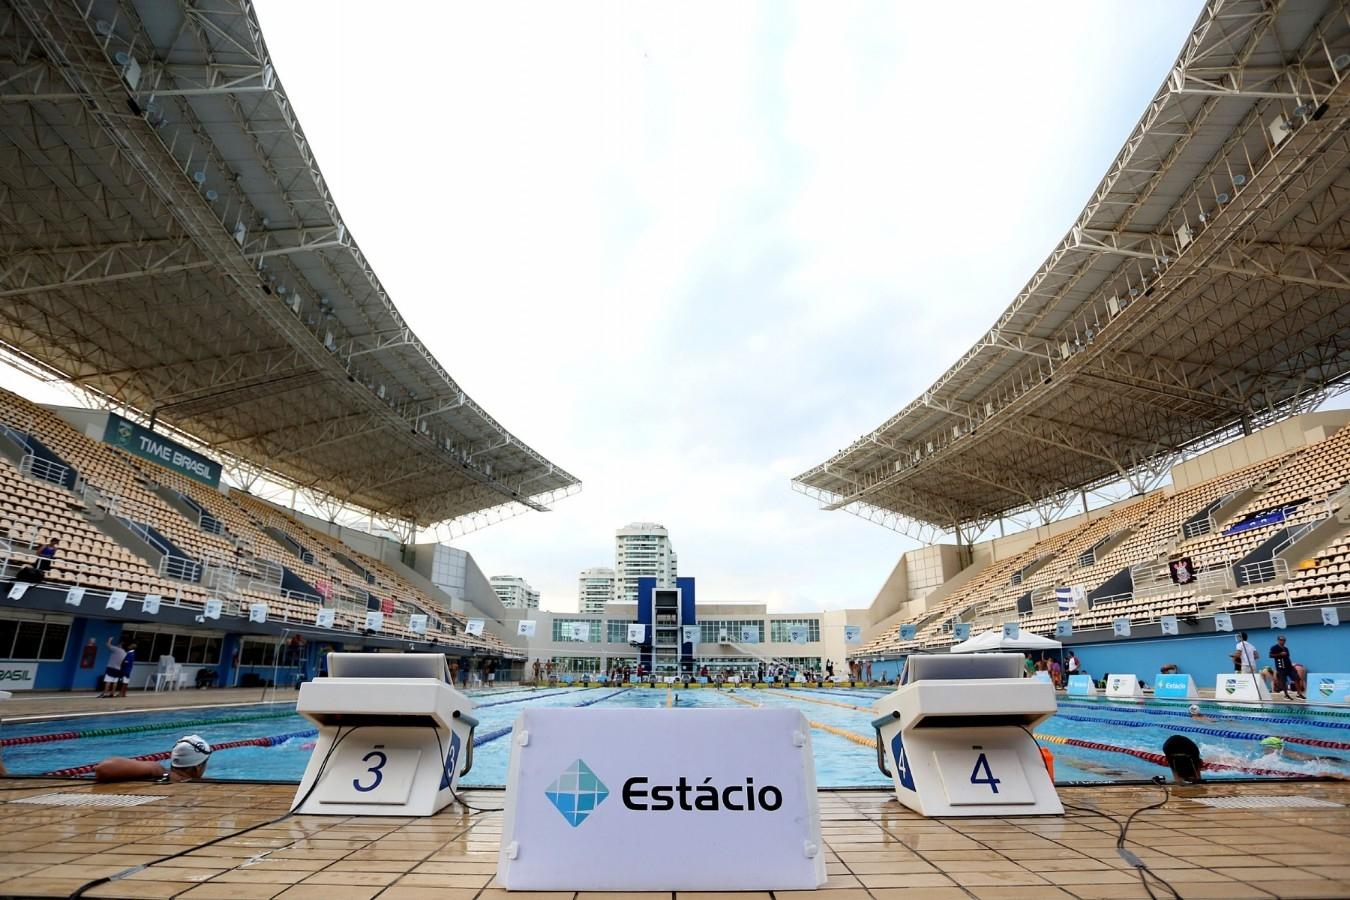 Trofeu Maria Lenk de Natacao. 15 de abril de 2019. Parque Aquatico Maria Lenk. Rio de Janeiro, Rj, Brasil. Foto: Ricardo Sodré/SSPress/CBDA